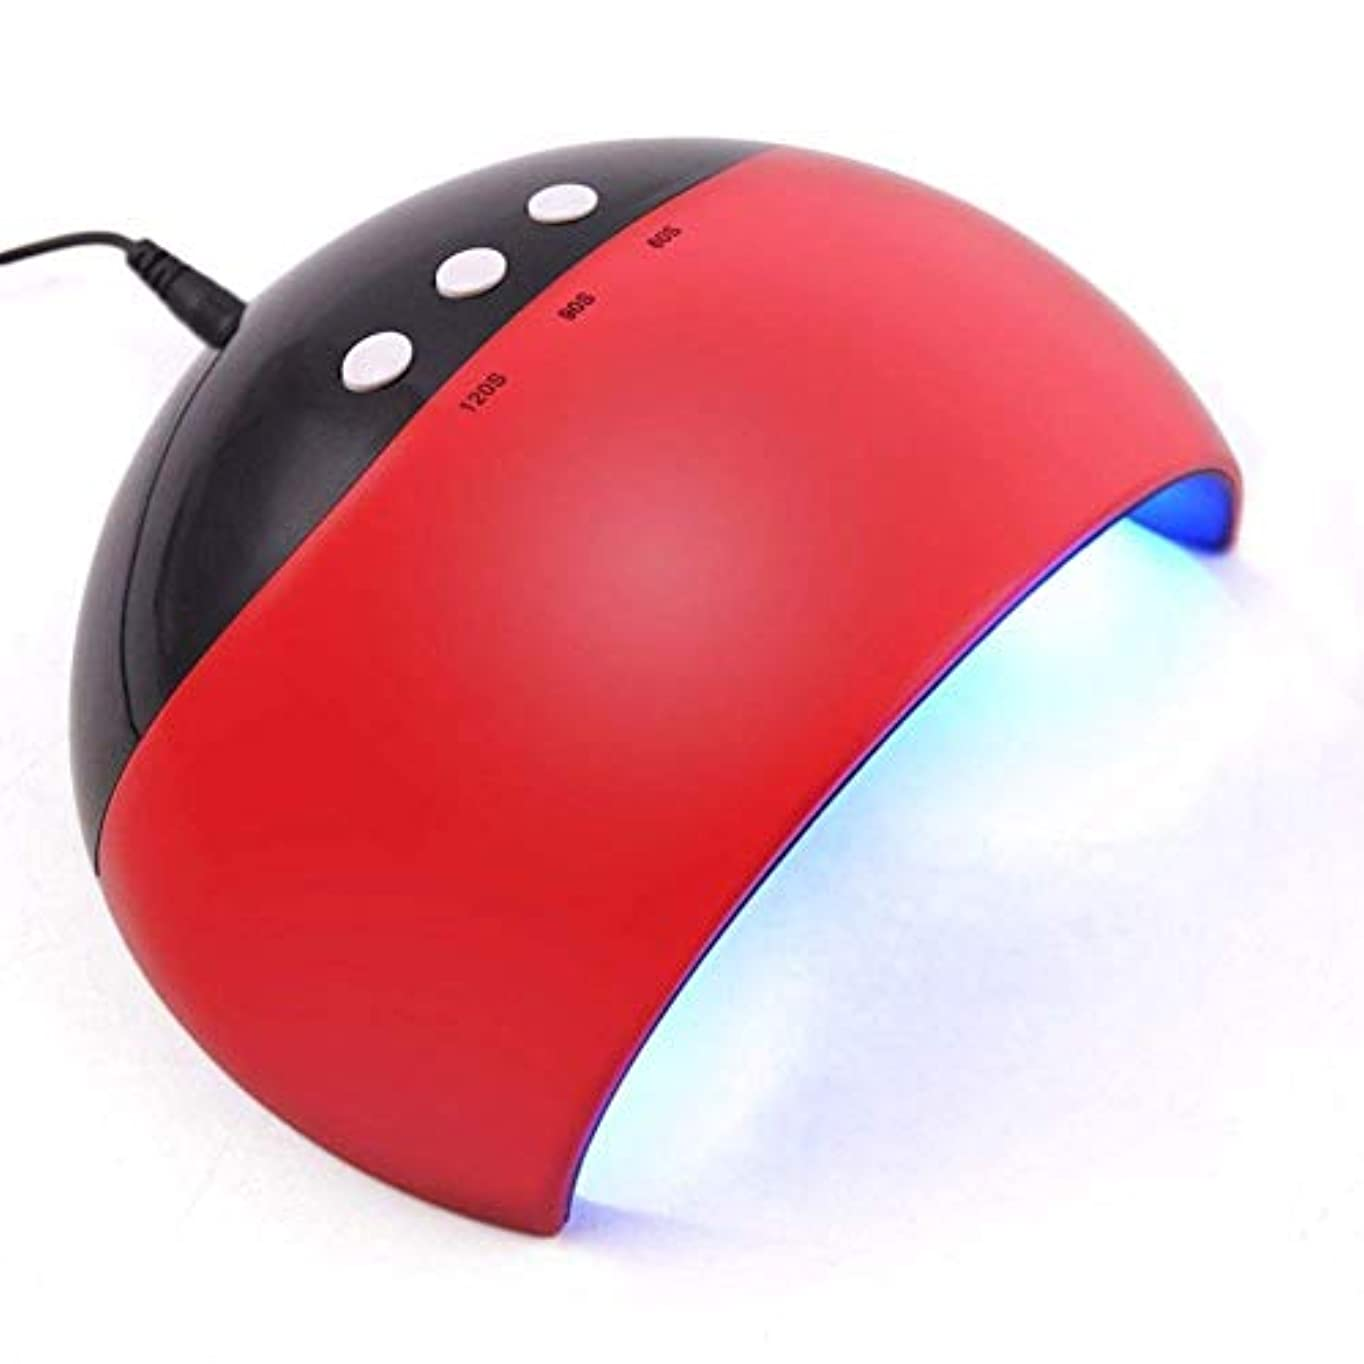 言うまでもなくフェデレーションお肉ネイルドライヤー新しいスタイルLED UVネイルドライヤーポータブルサポートUSB LEDランプネイルドライヤーUV硬化ゲル用速乾性24WサポートUSB充電、写真の色